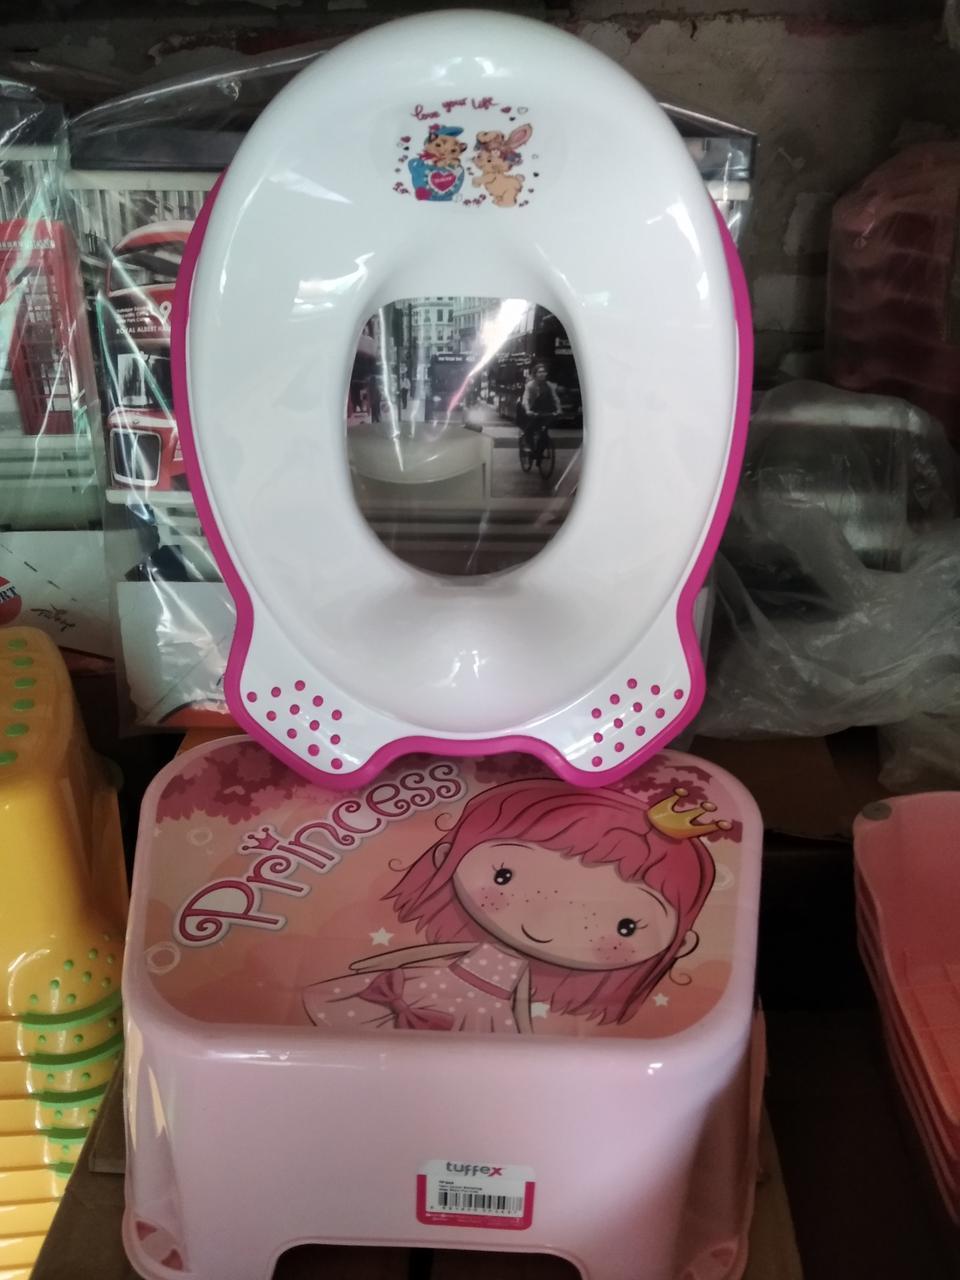 Комплект підставка накладка дитячі для унітазу увывальника, набір сходинка і вставка, Туреччина, рожевий білий